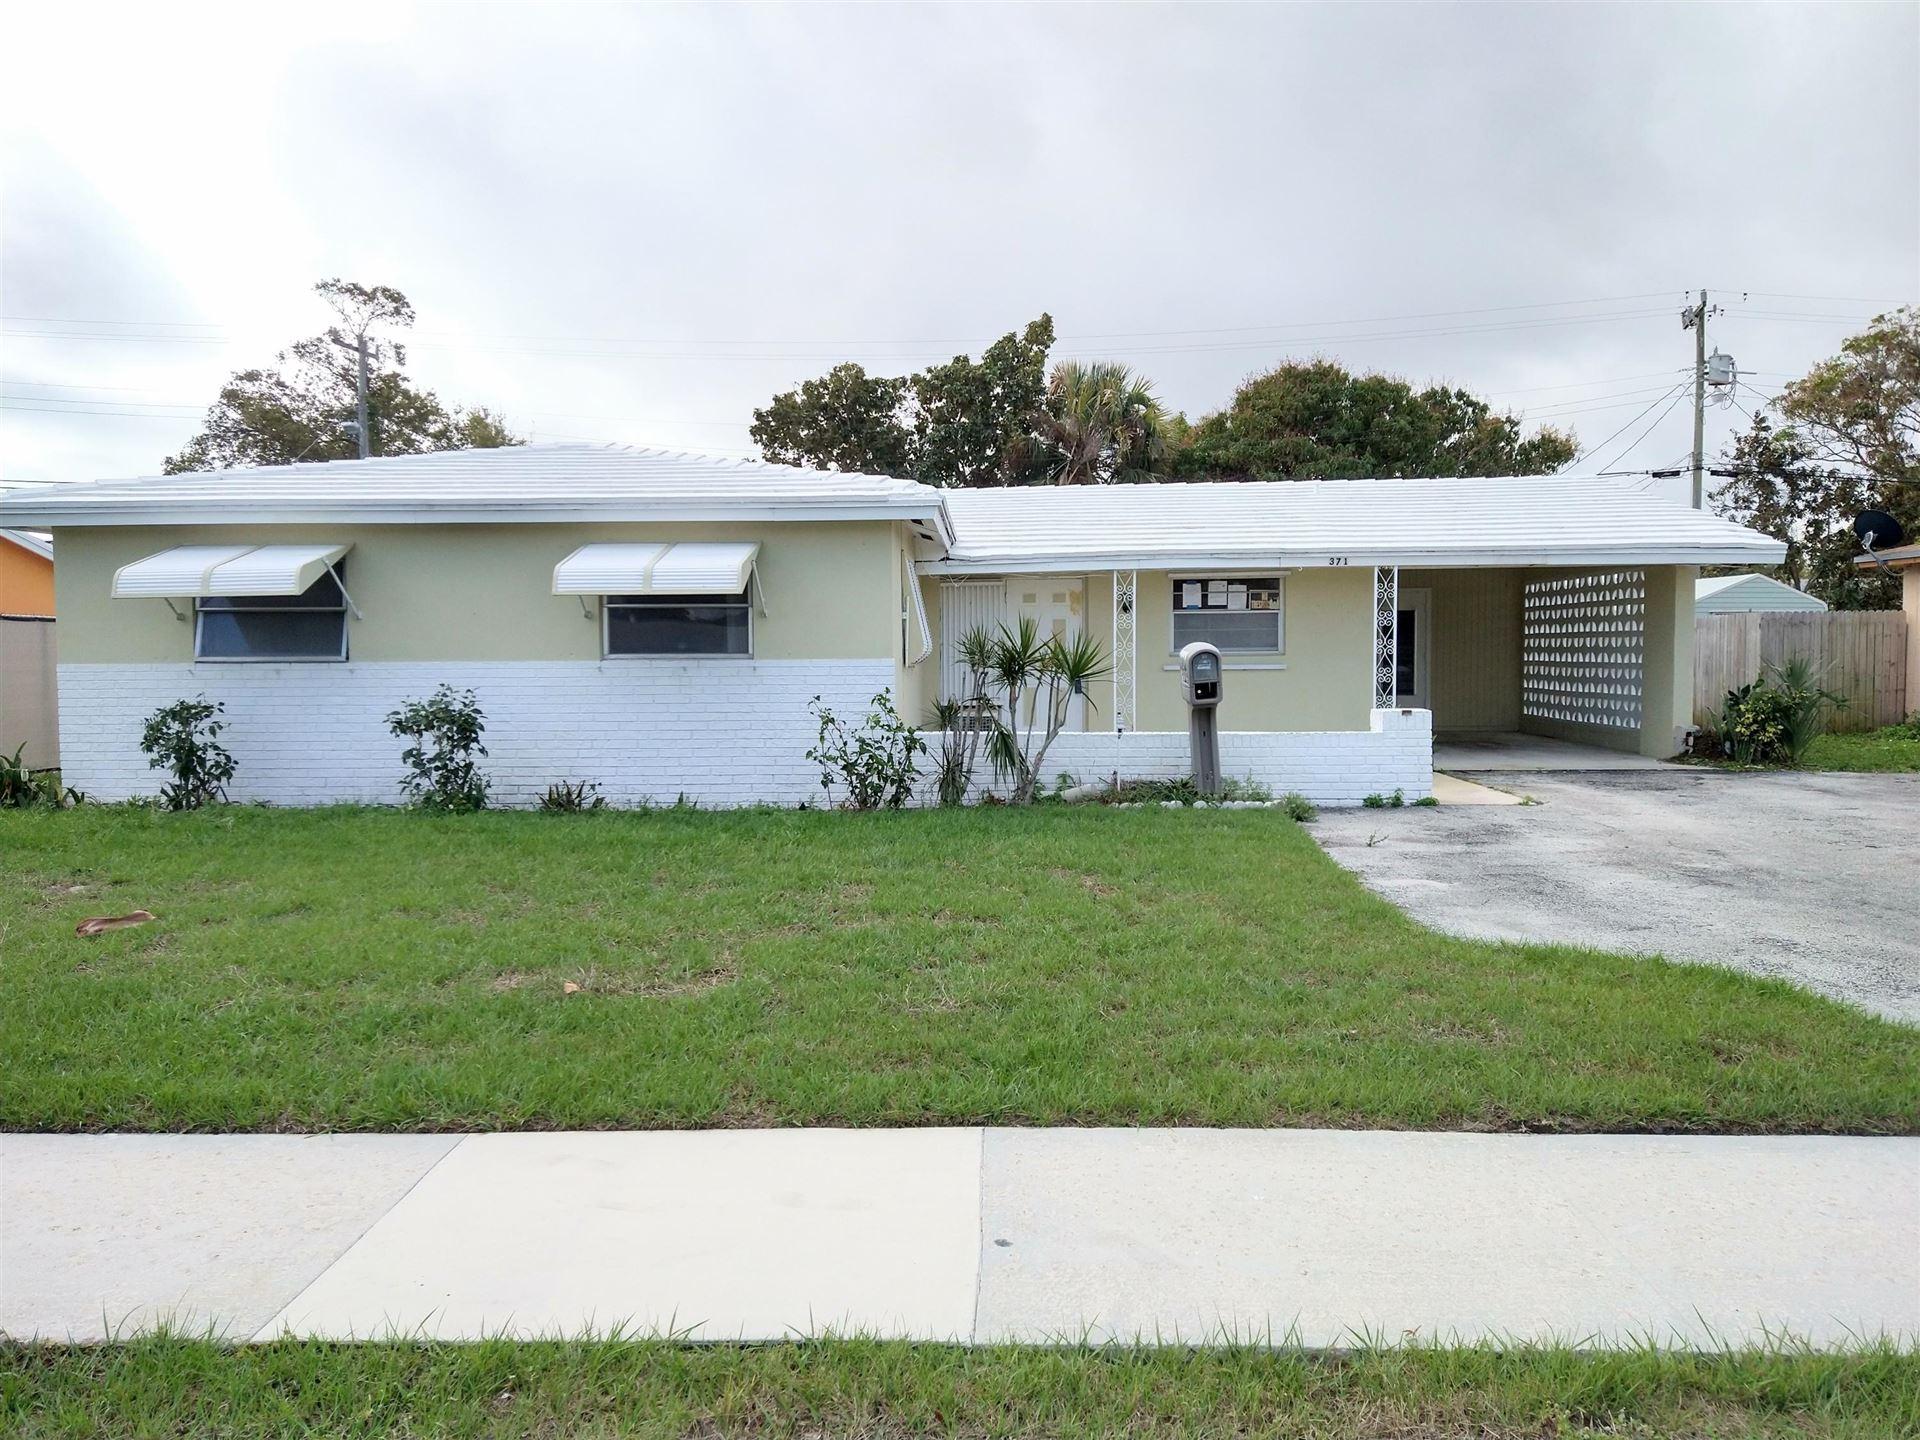 Photo of 371 W 30th Street, Riviera Beach, FL 33404 (MLS # RX-10694787)